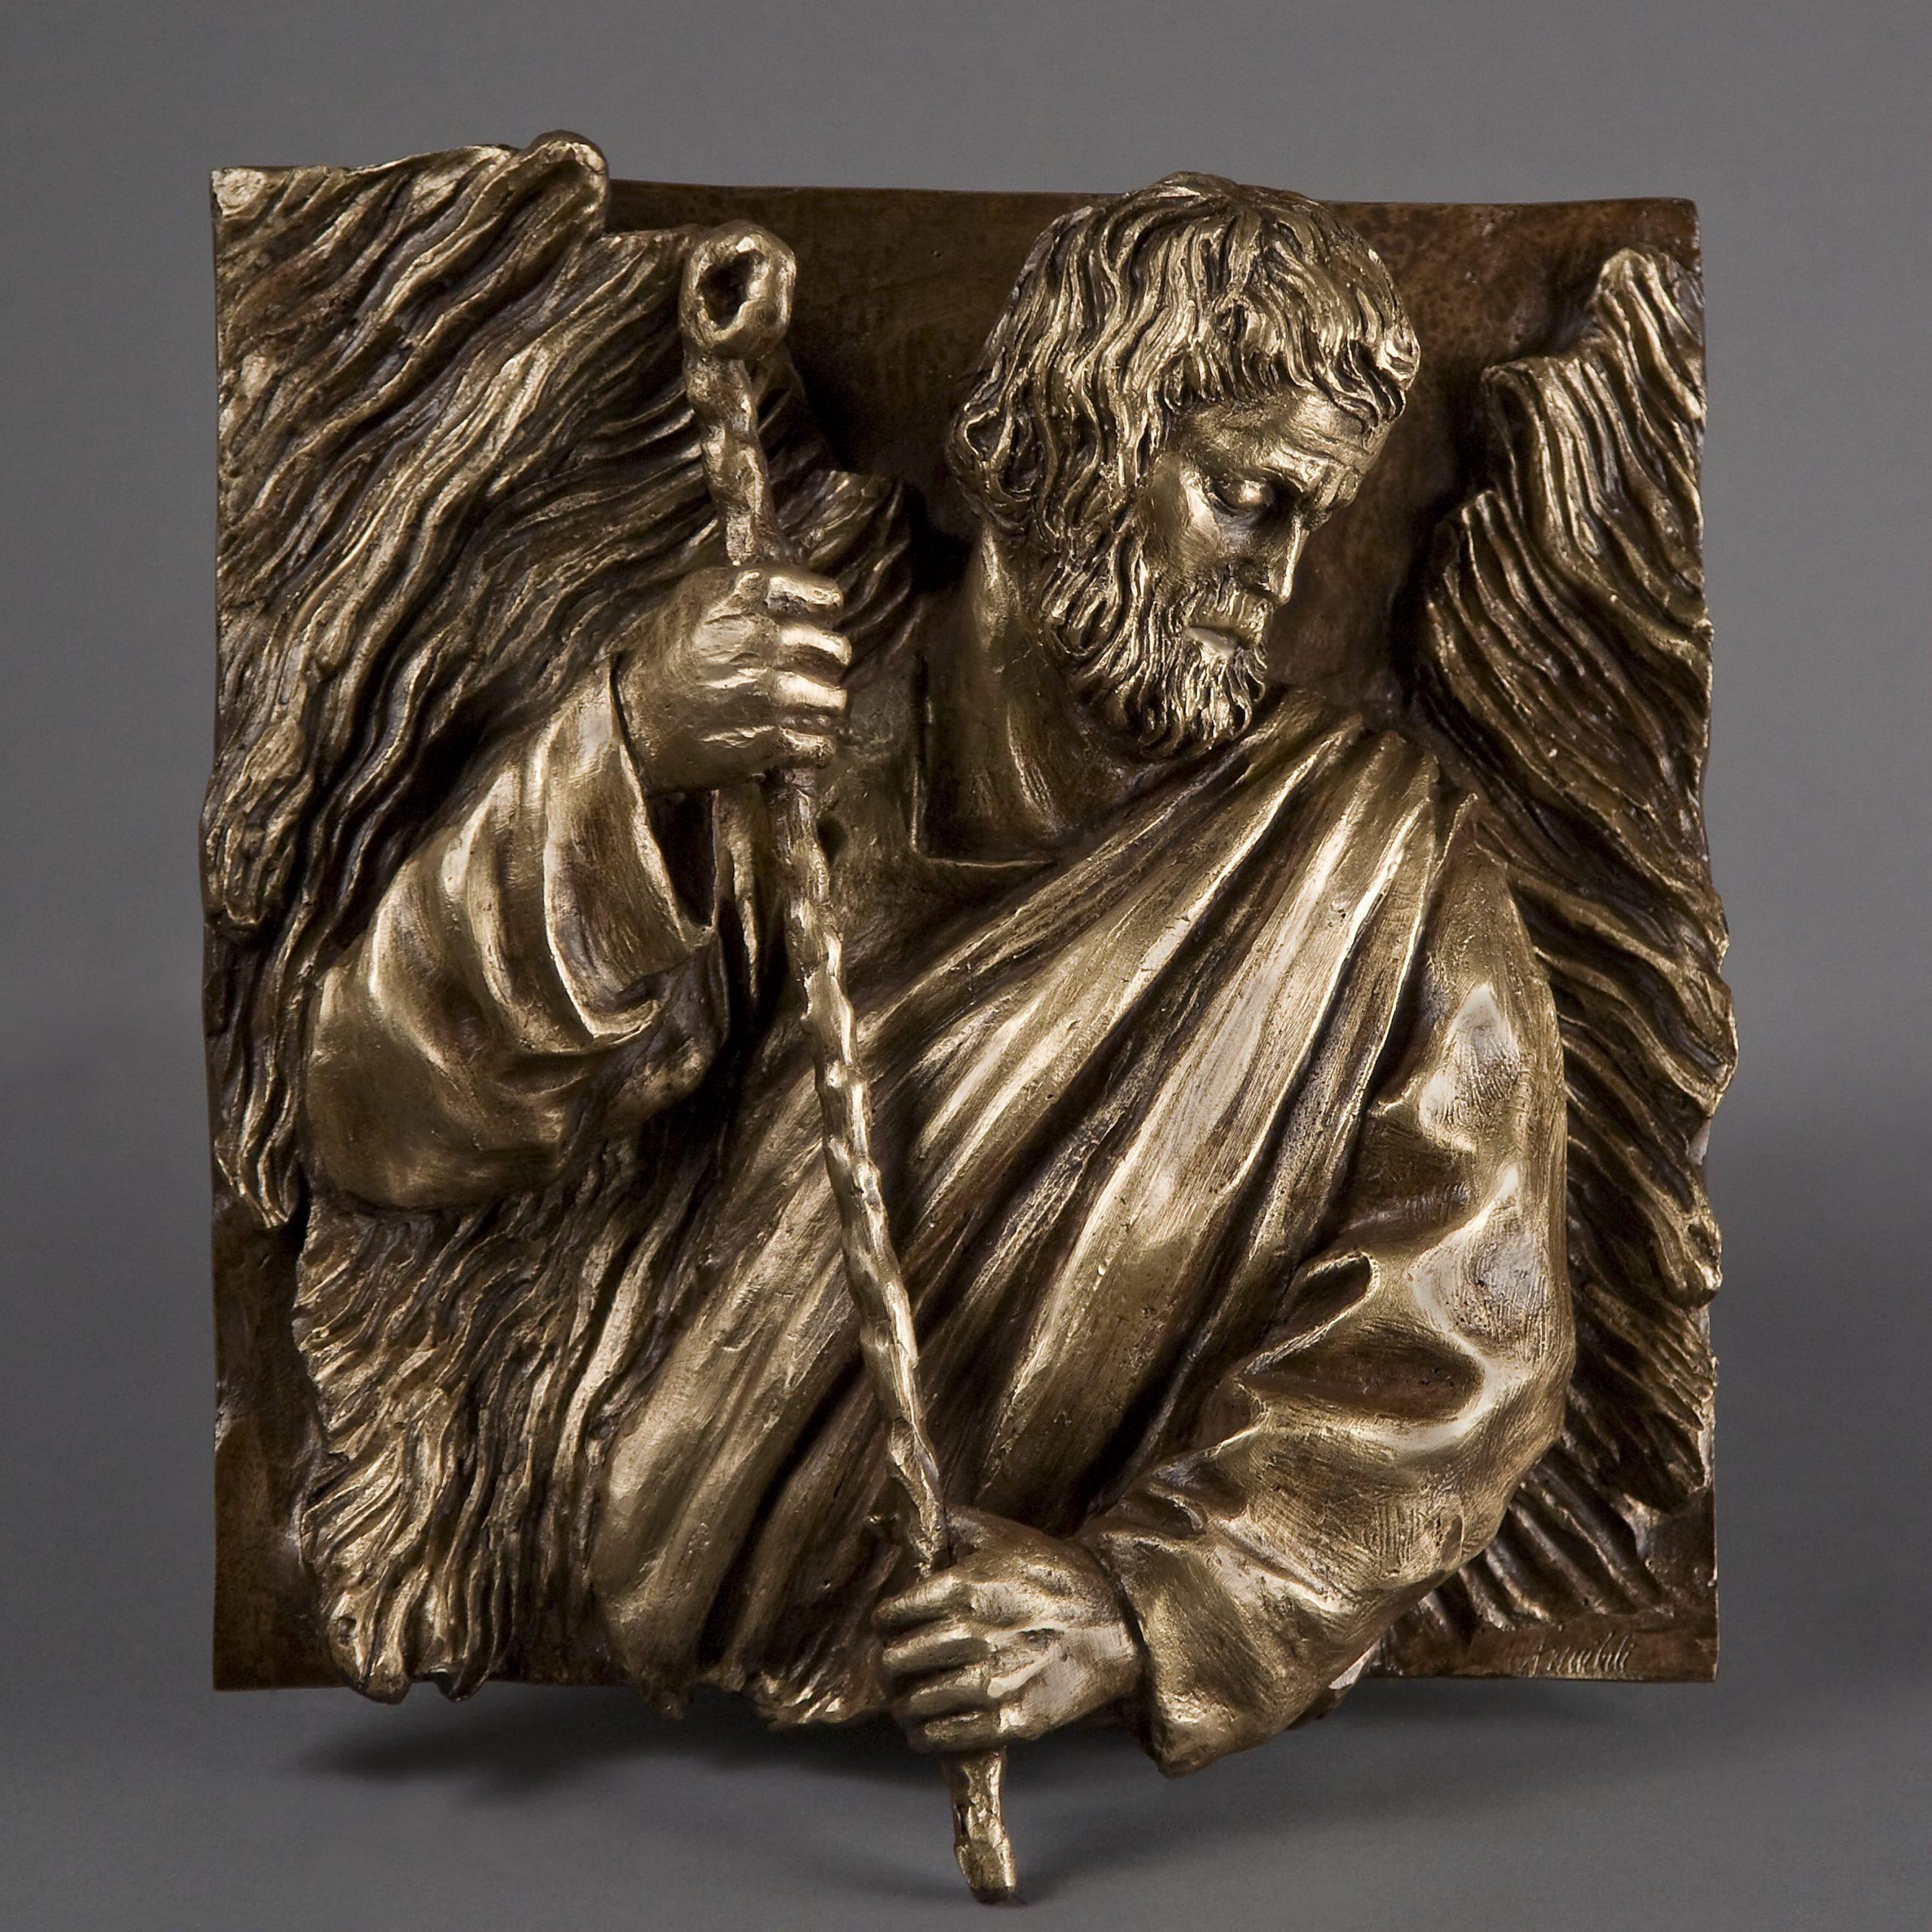 Mosé realizzato nel 2015 in bronzo